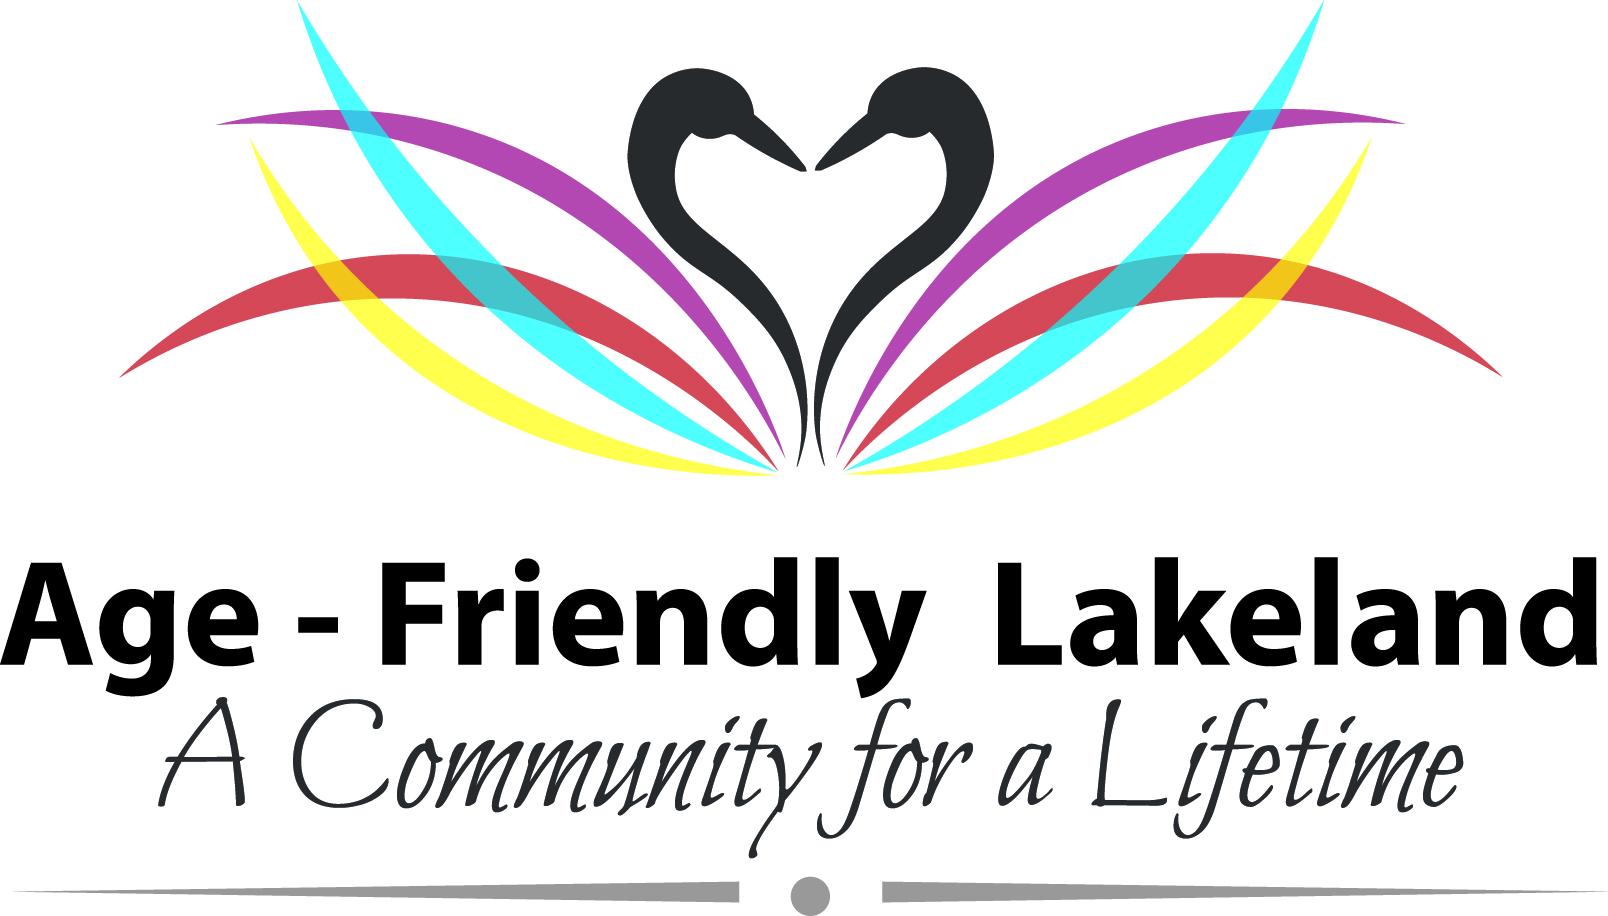 Age-Friendly Lakeland LOGO